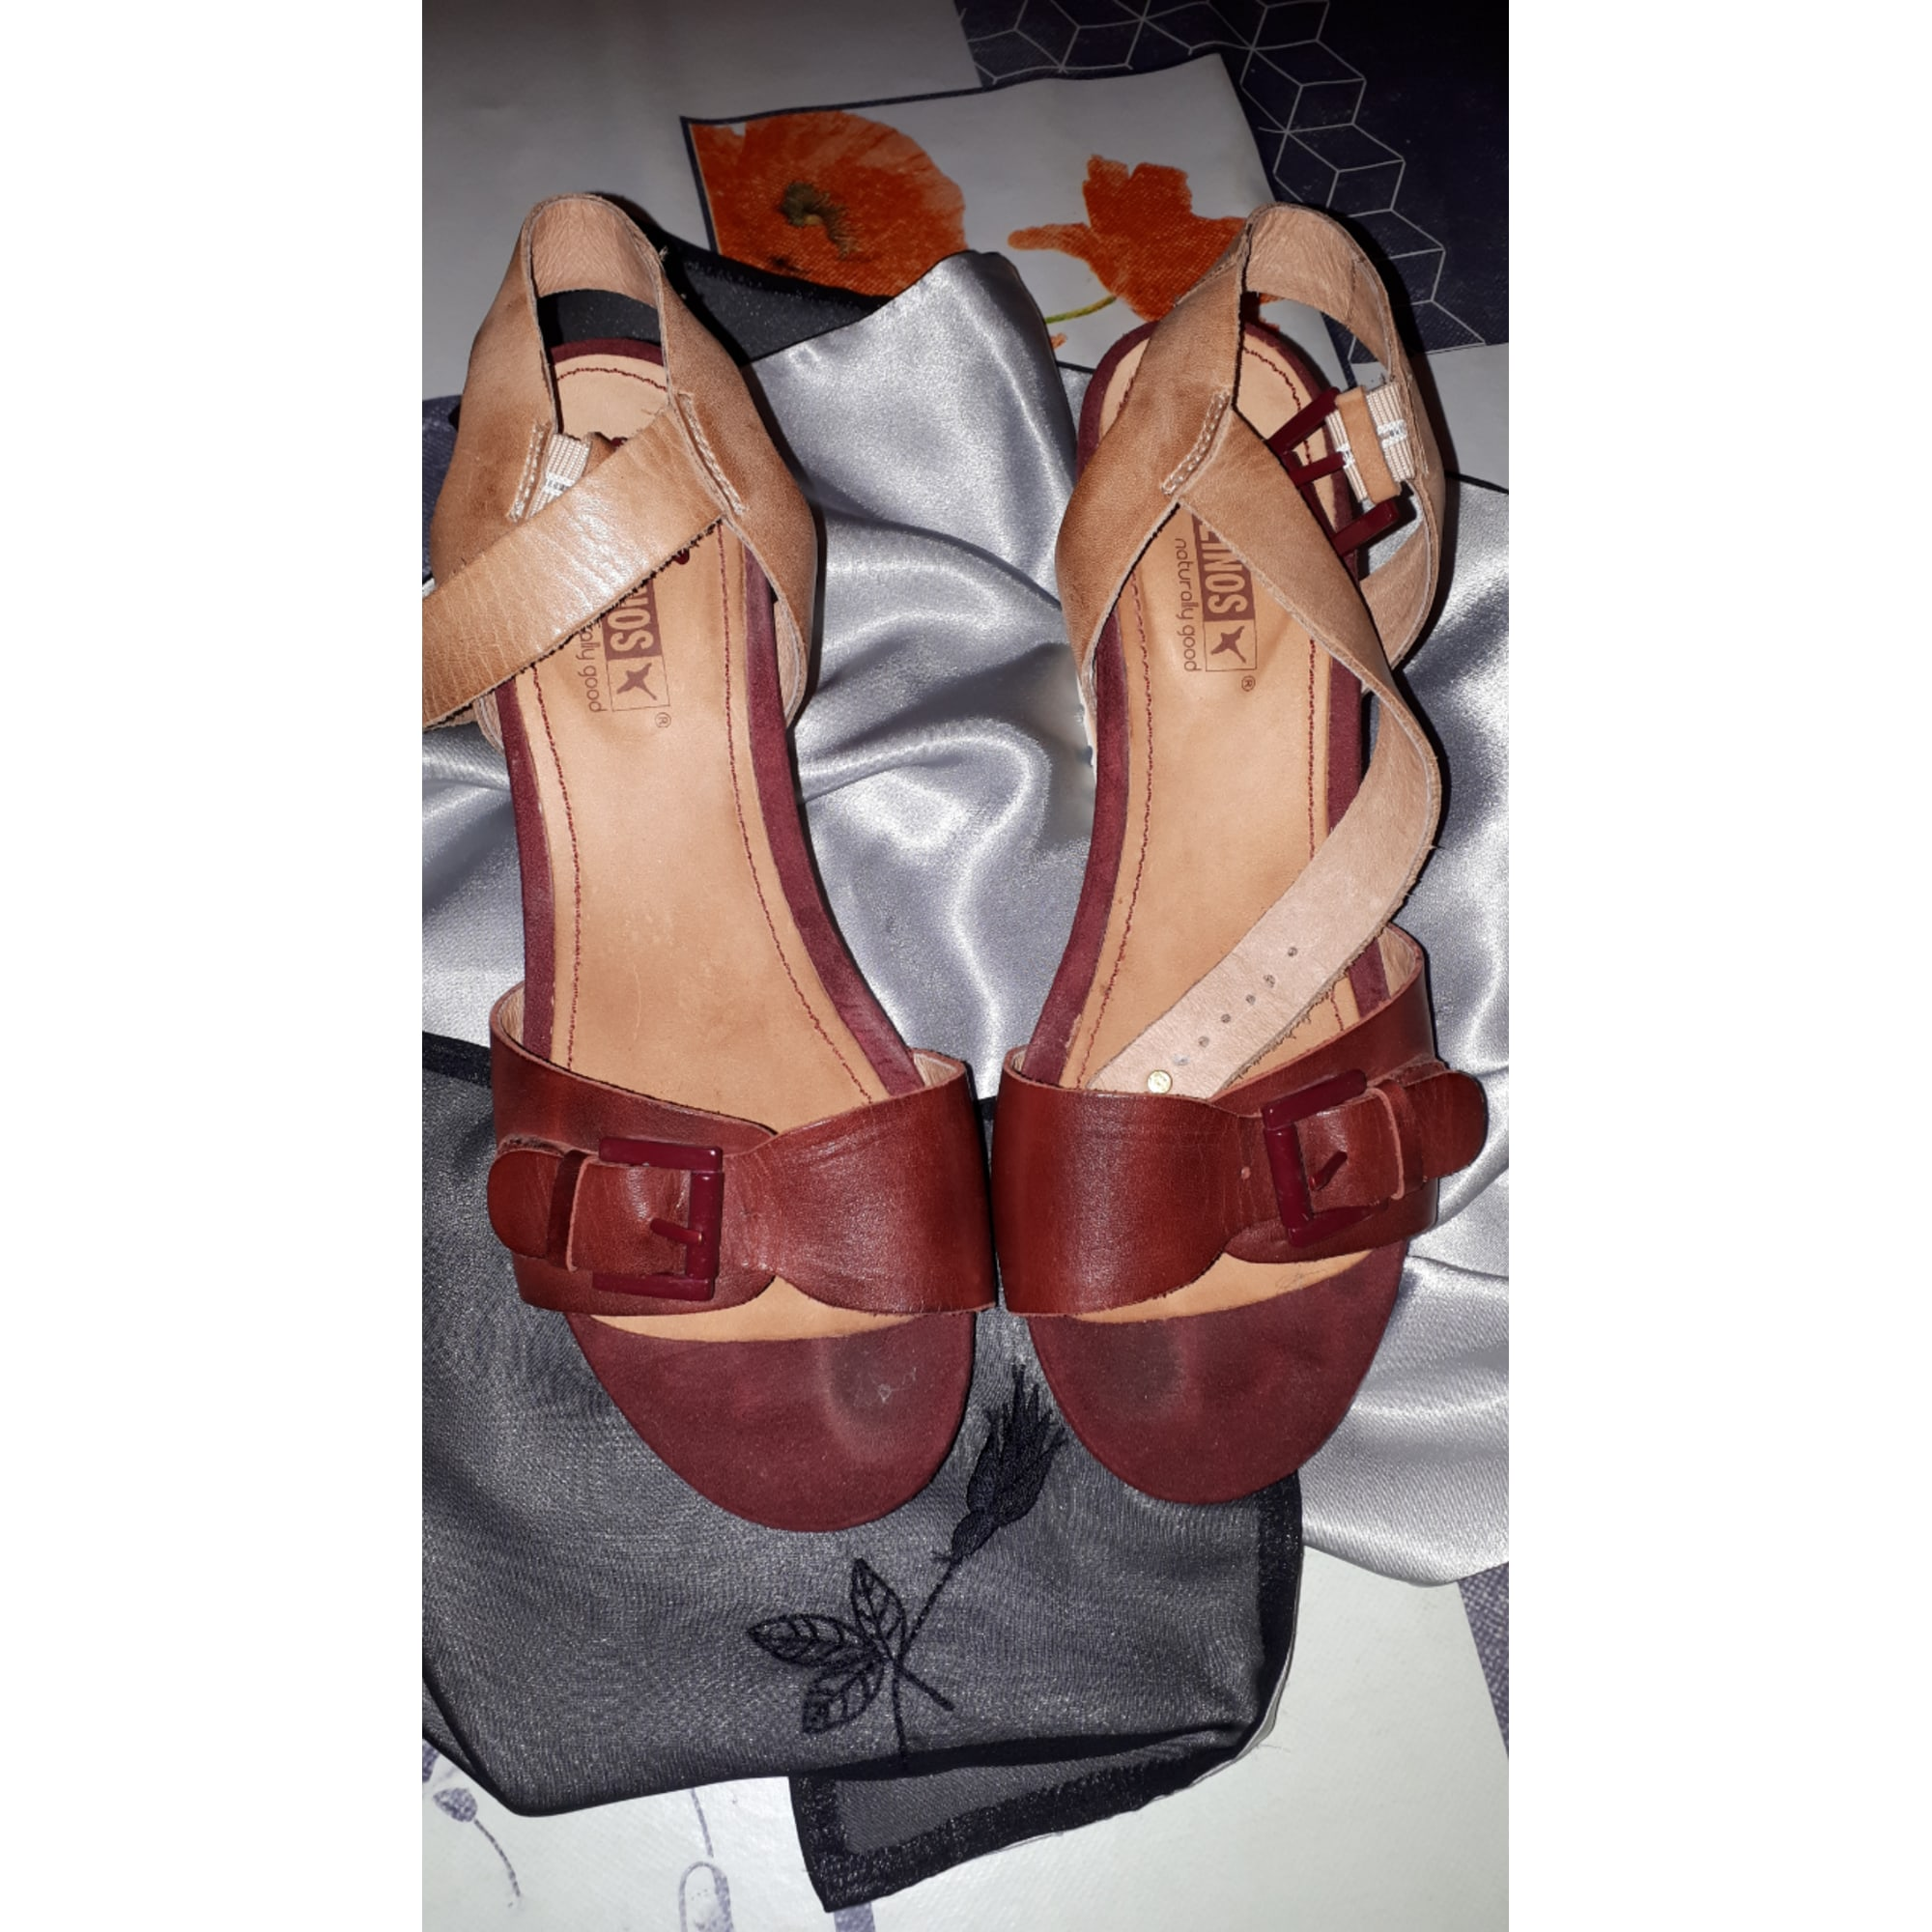 Sandales compensées PIKOLINOS Rouge, bordeaux